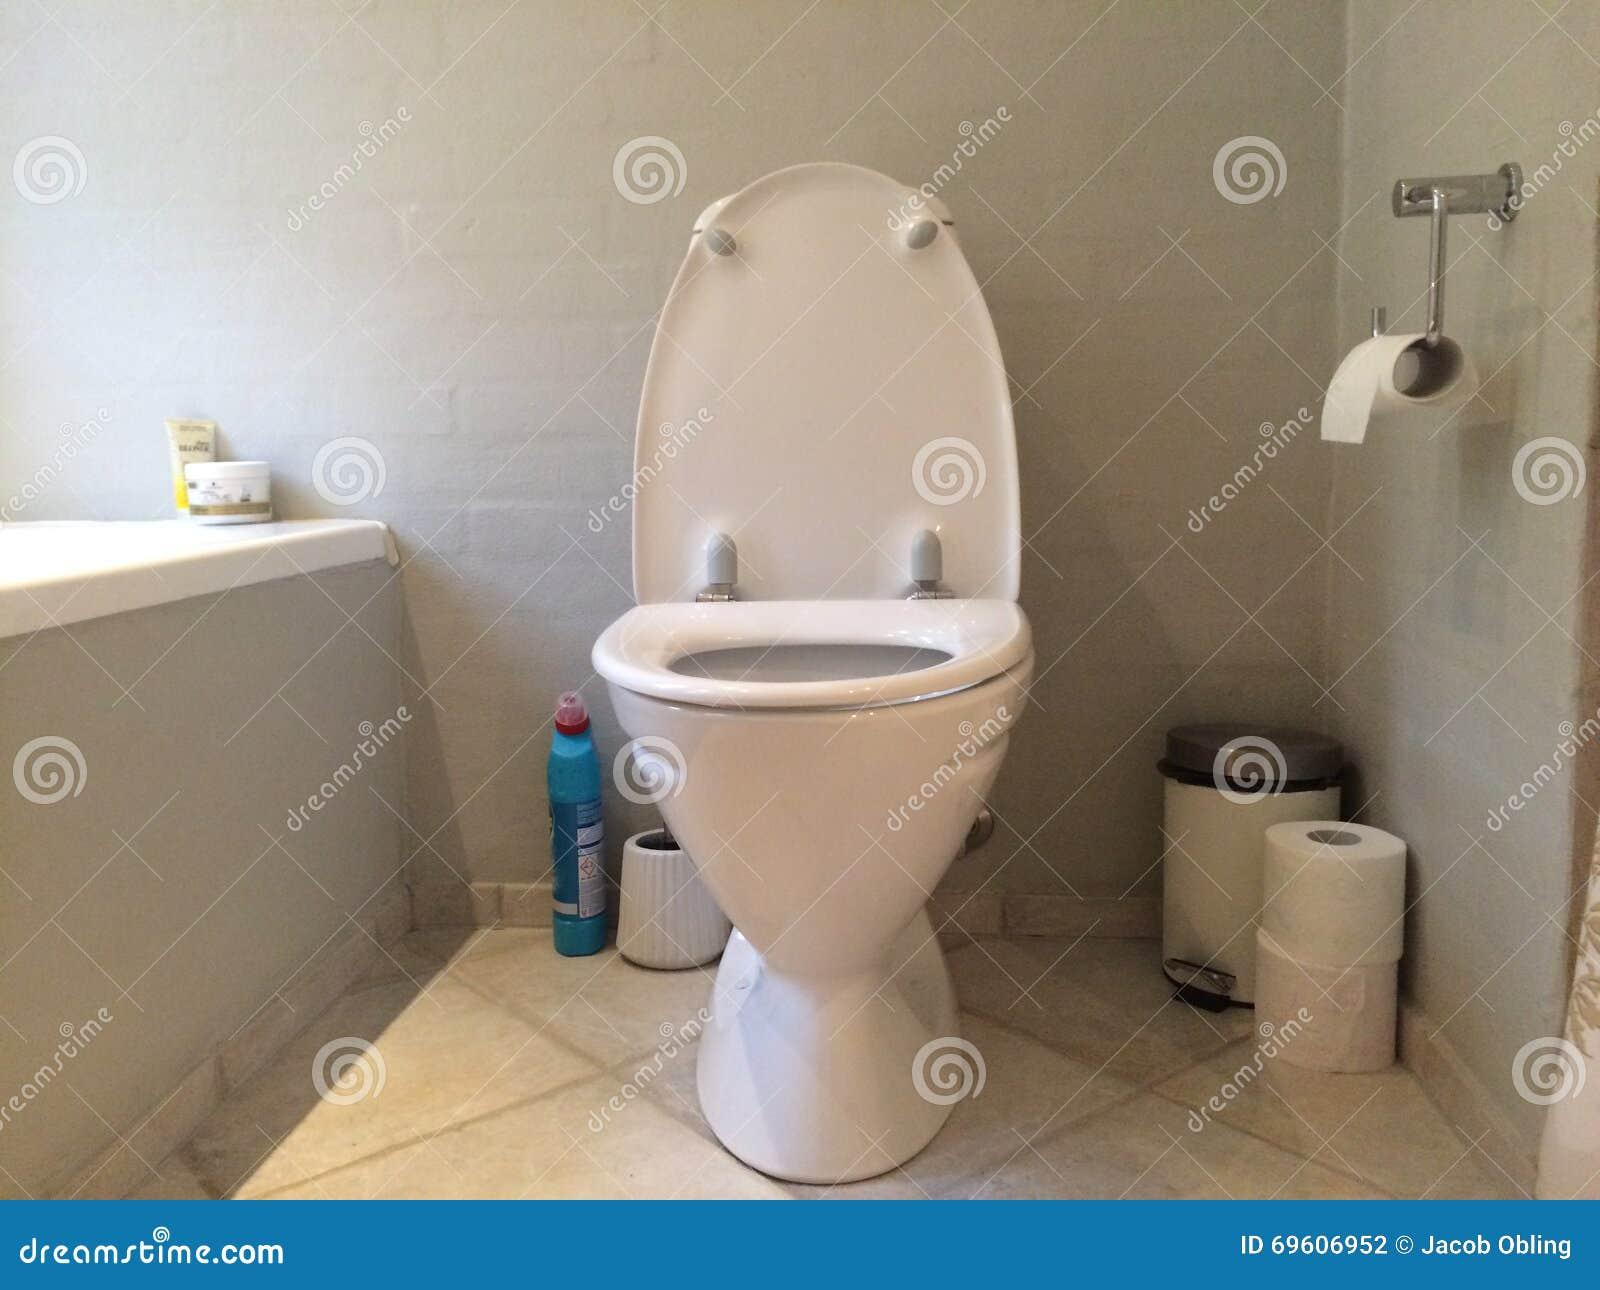 Toilette Propre Blanche L Int Rieur De Salle De Bains Photo Stock